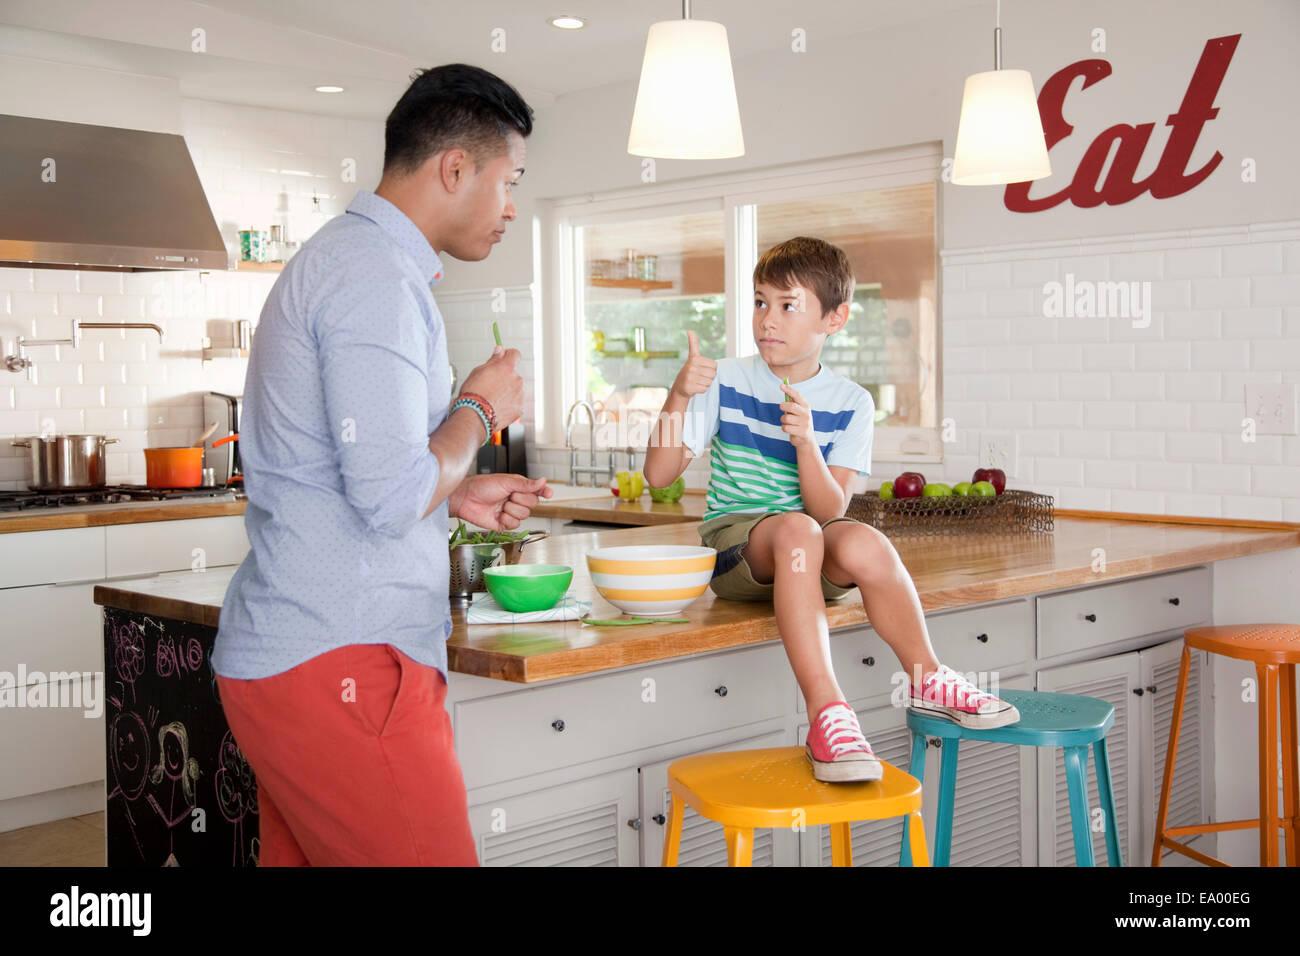 Père et fils dans la cuisine, garçon assis sur le comptoir Photo Stock